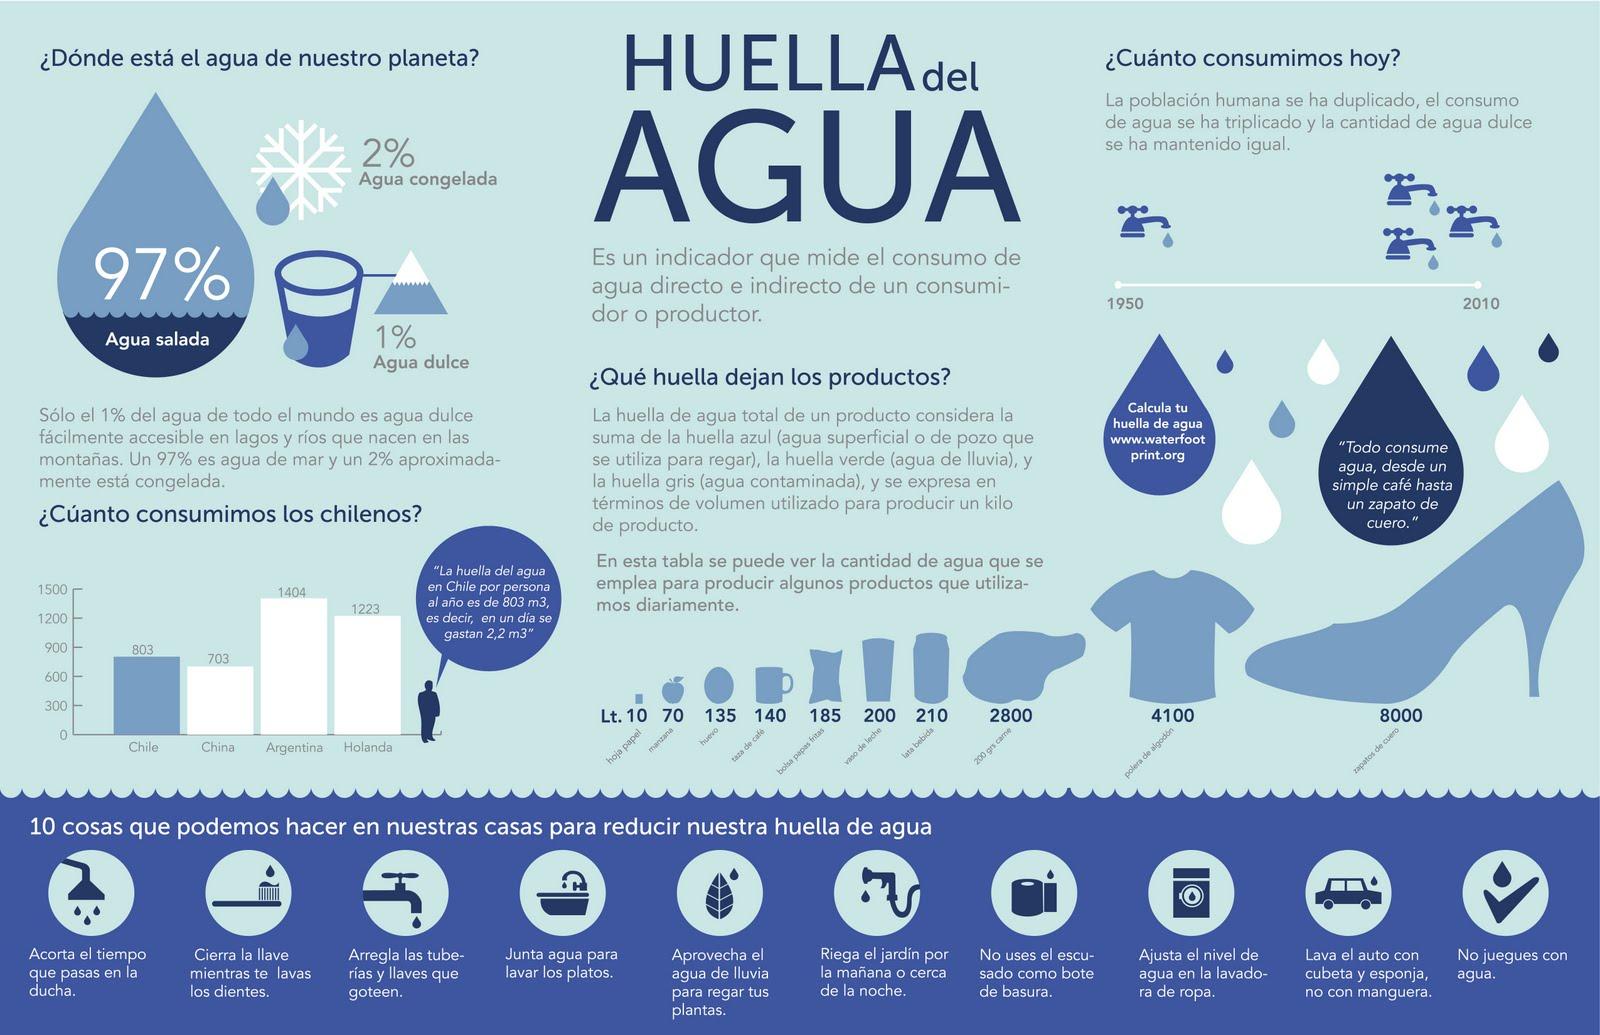 infografia sobre la huella del agua con datos sobre donde está el agua en nuestro planeta, cuanta agua consumimos, que huella dejan algunos productos en el agua y 10 cosas que podemos hacer para reducir nuestra huella del agua